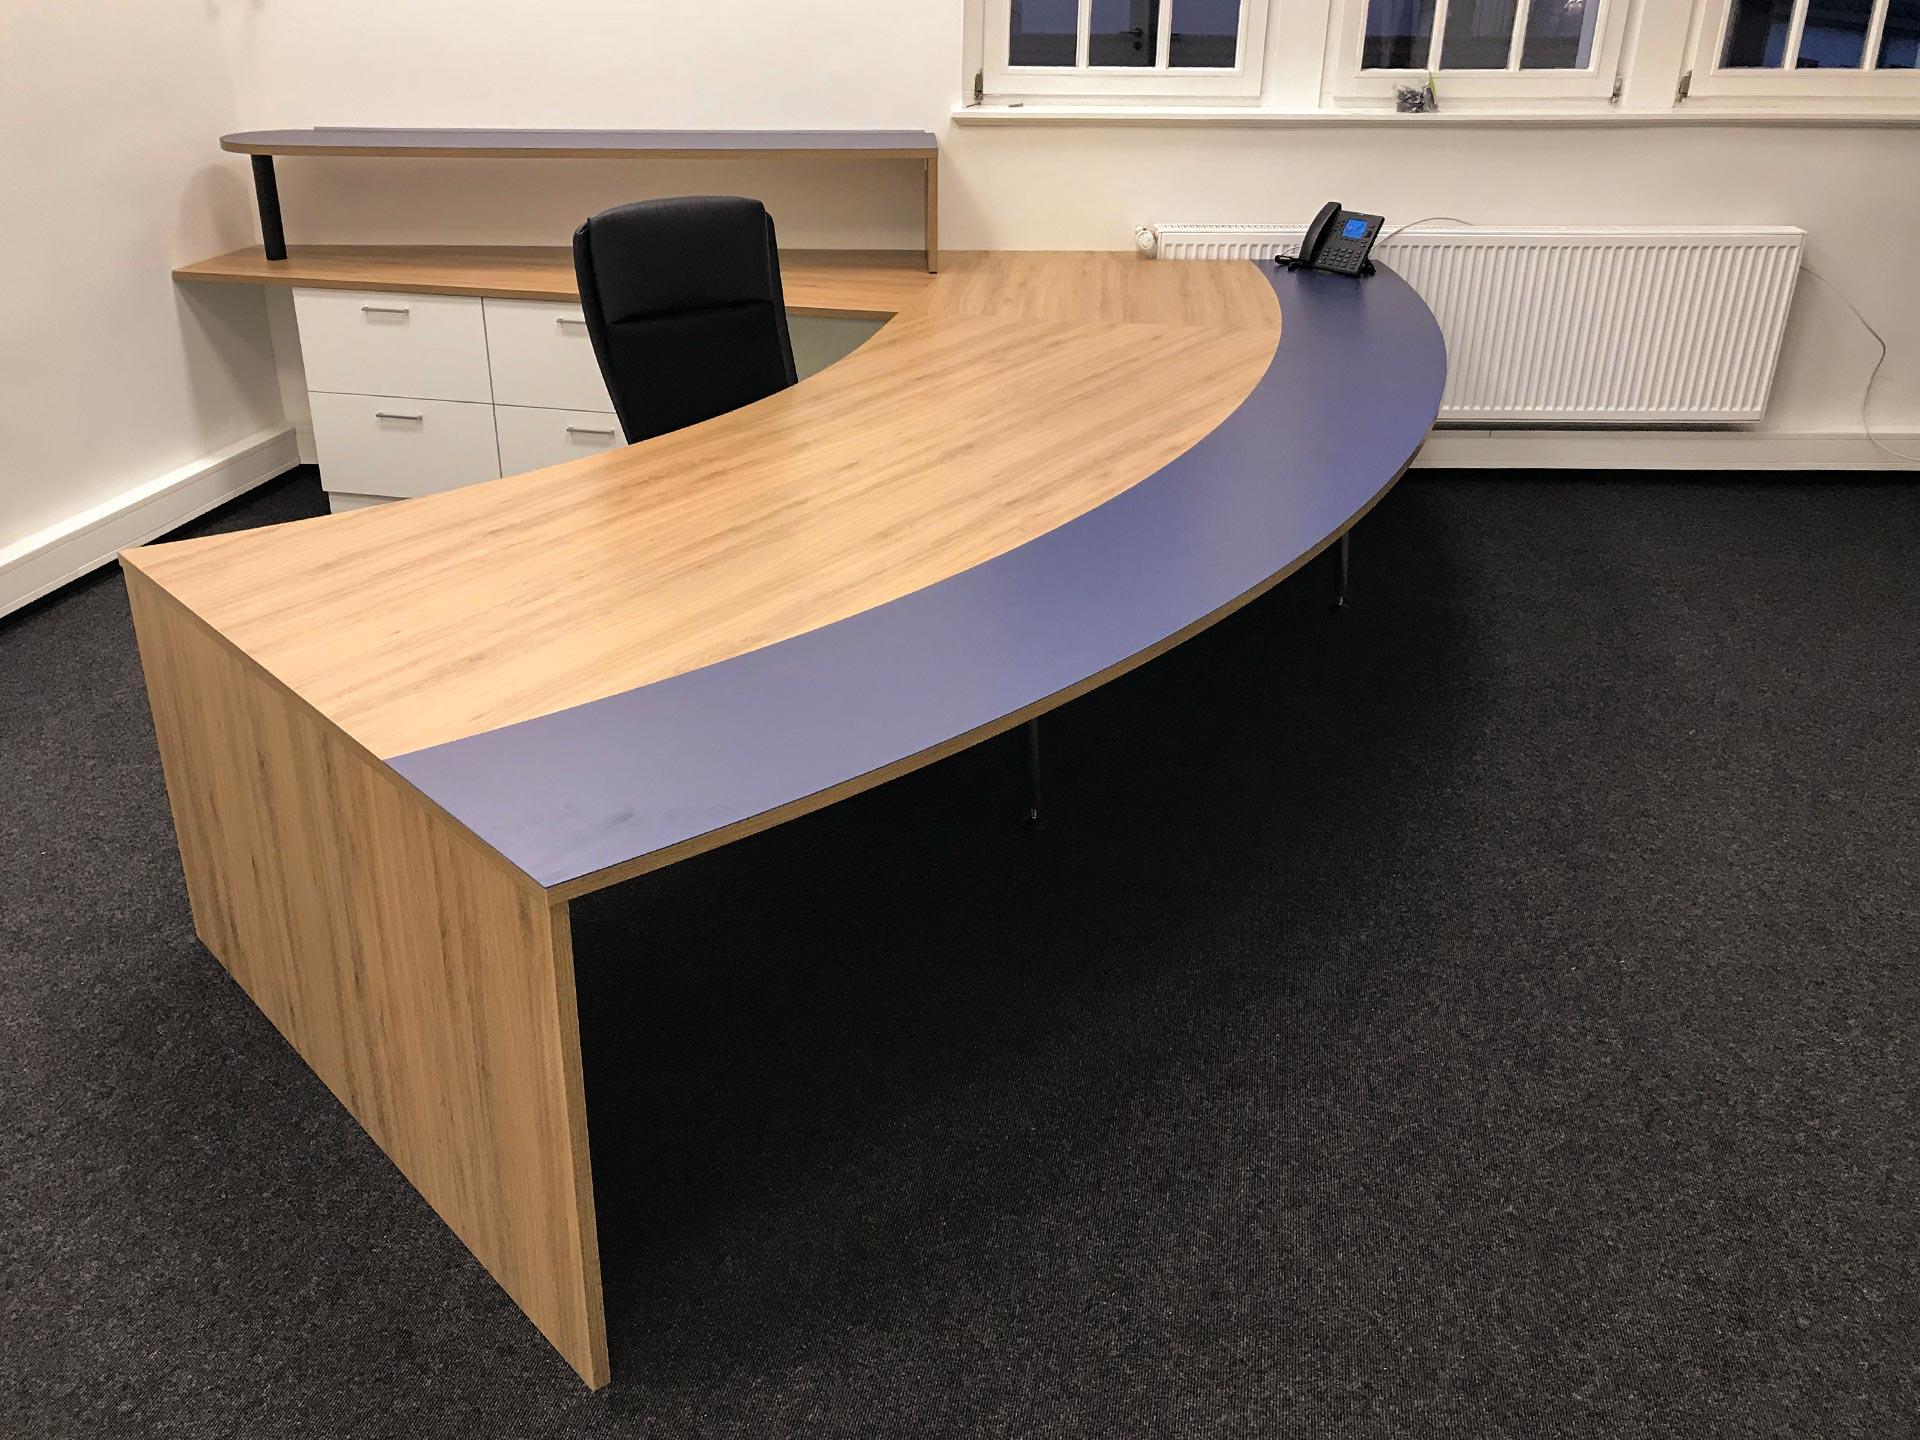 Der große, geschwungene Schreibtisch mit blauer Naturkautschukauflage ist ideal geeignet um mehrere Klienten zu empfangen und fokussiert das Gespräch automatisch auf den Notar.